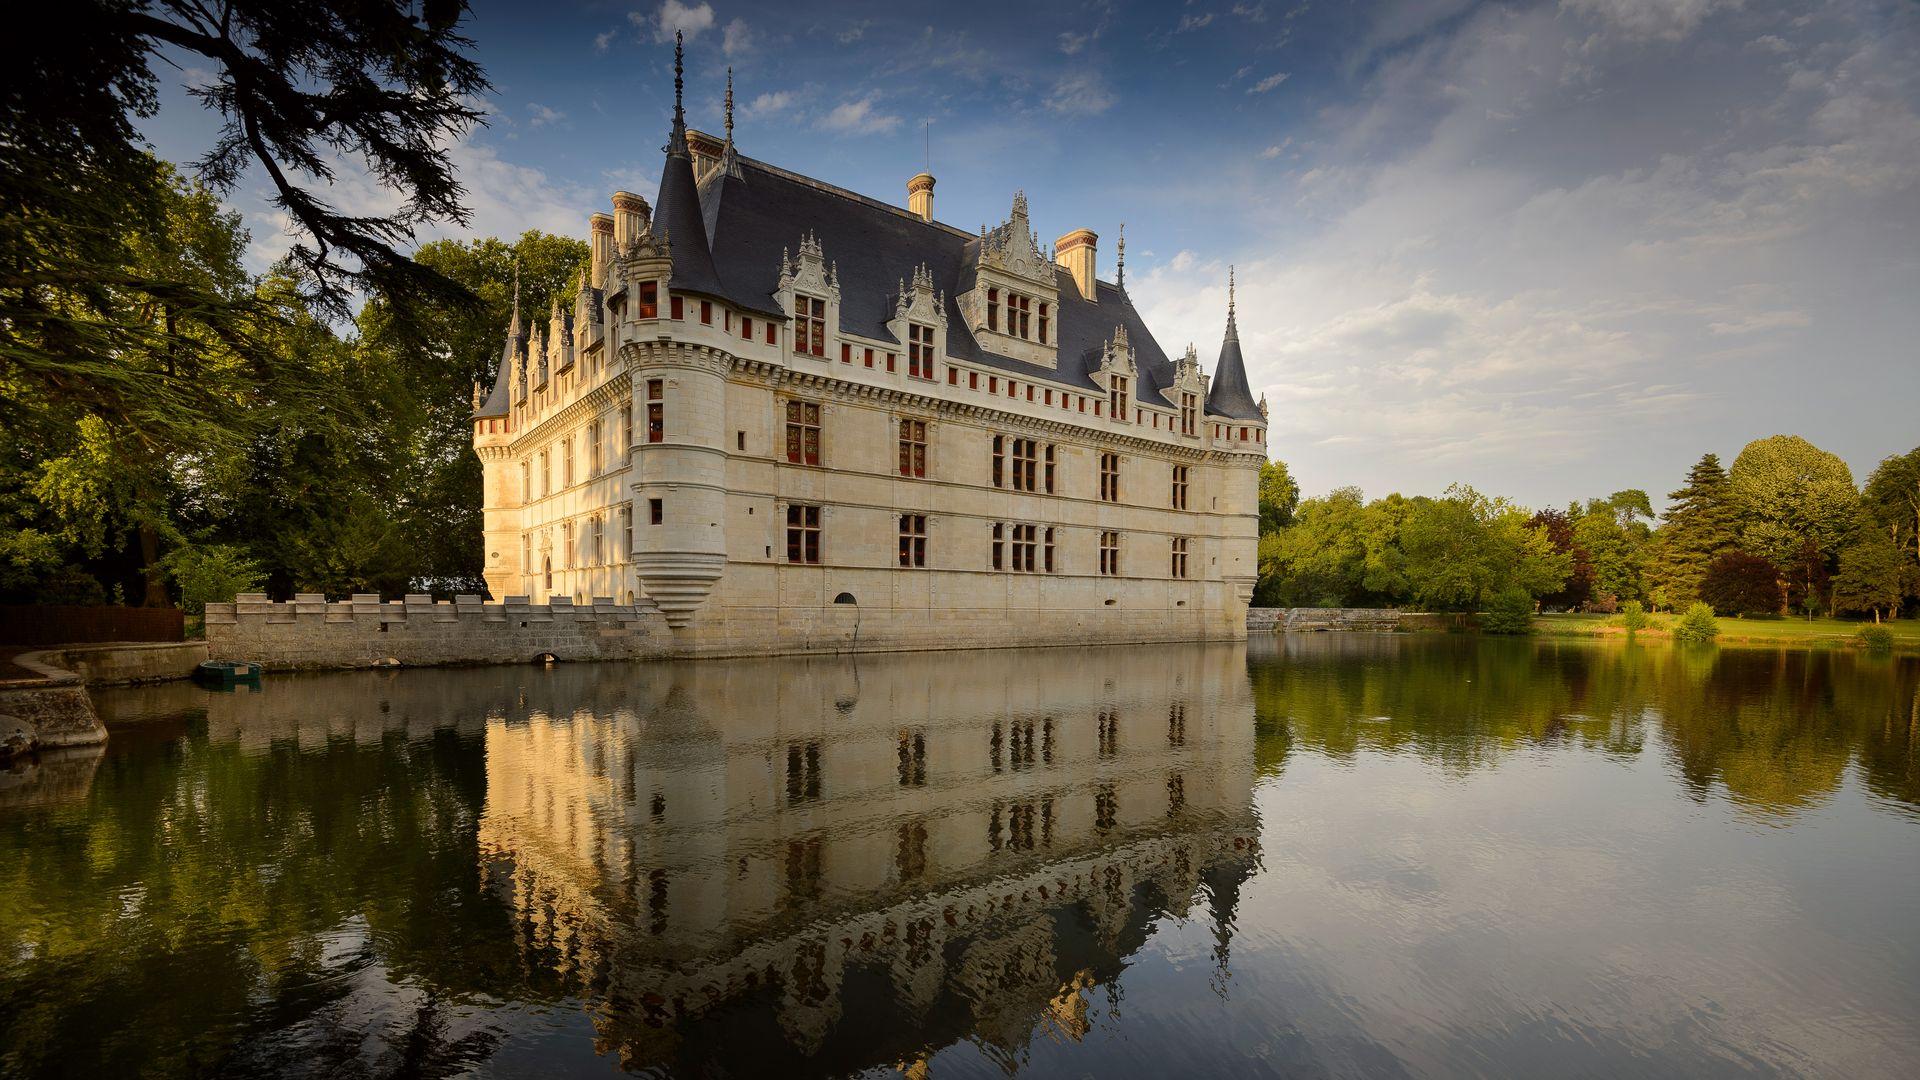 Il castello di azay le rideau valle della loira una passeggiata in francia - Visite chateau azay le rideau ...